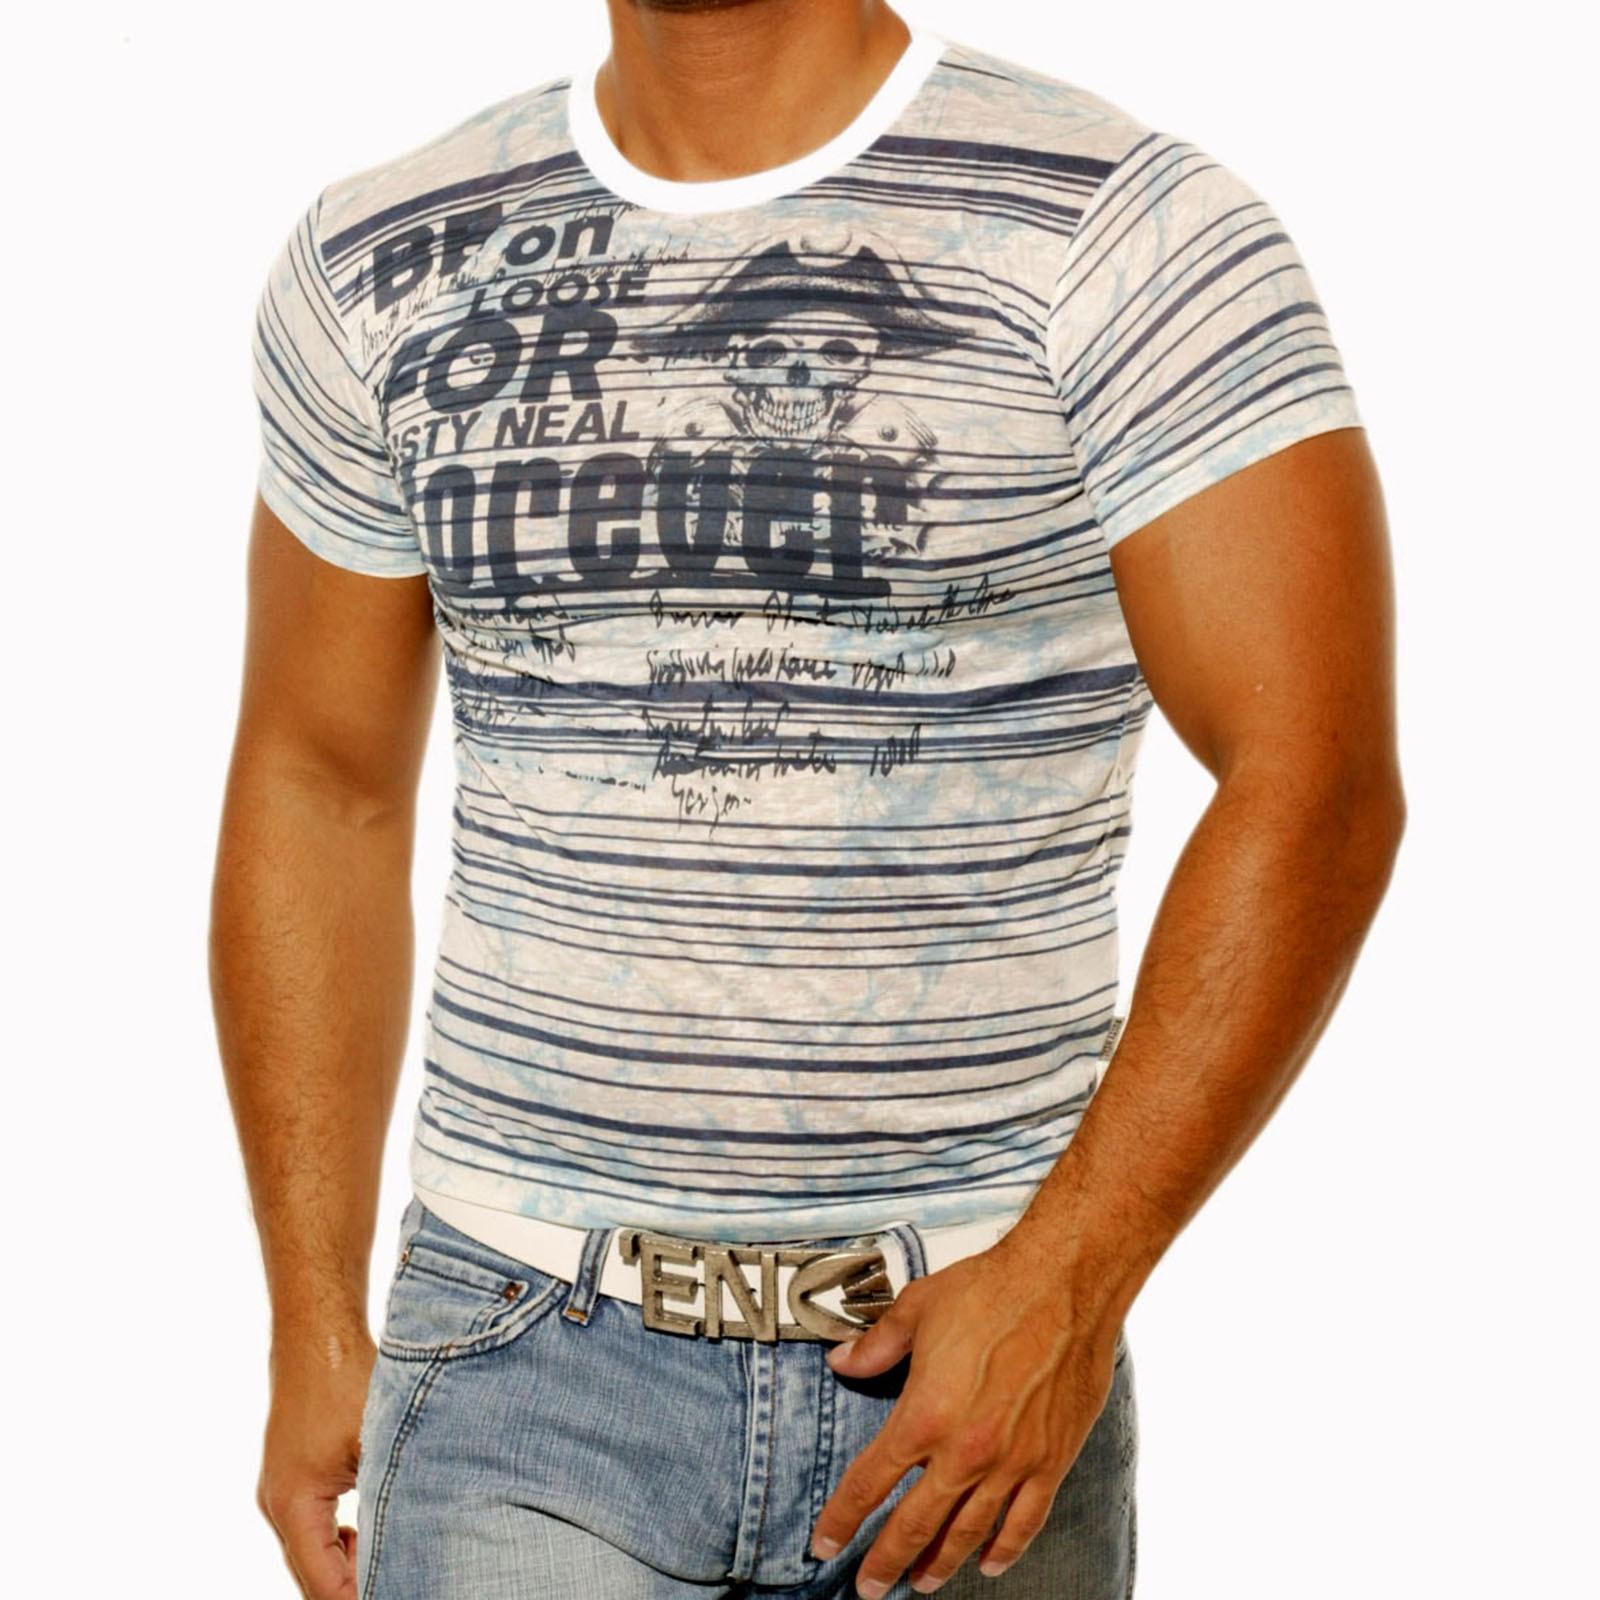 T-Shirt 500 Rusty Neal